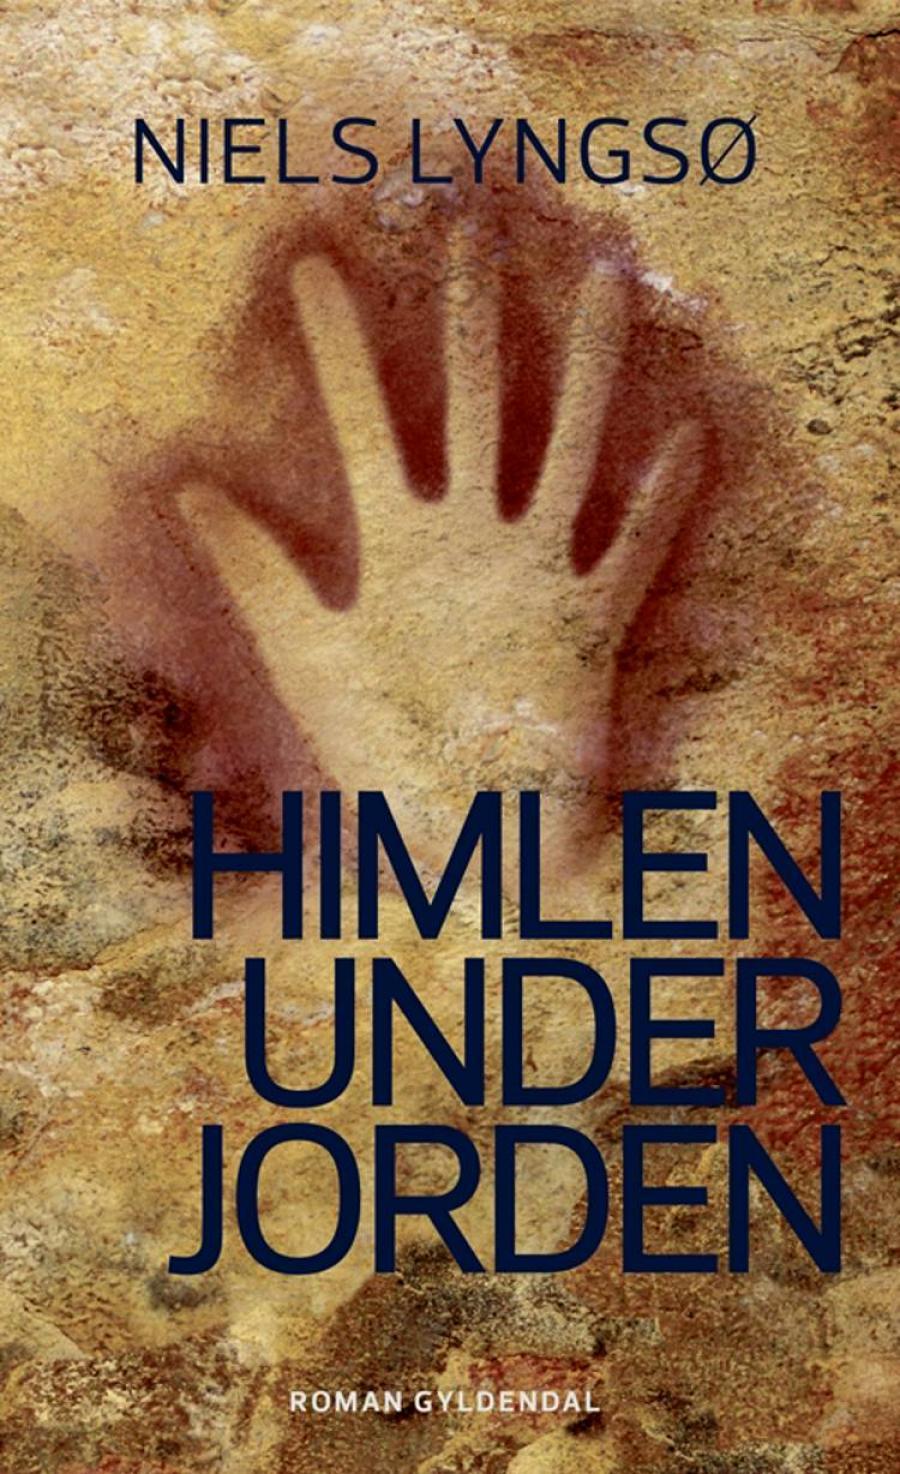 Forside til bogen Himlen under jorden af Niels Lyngsø